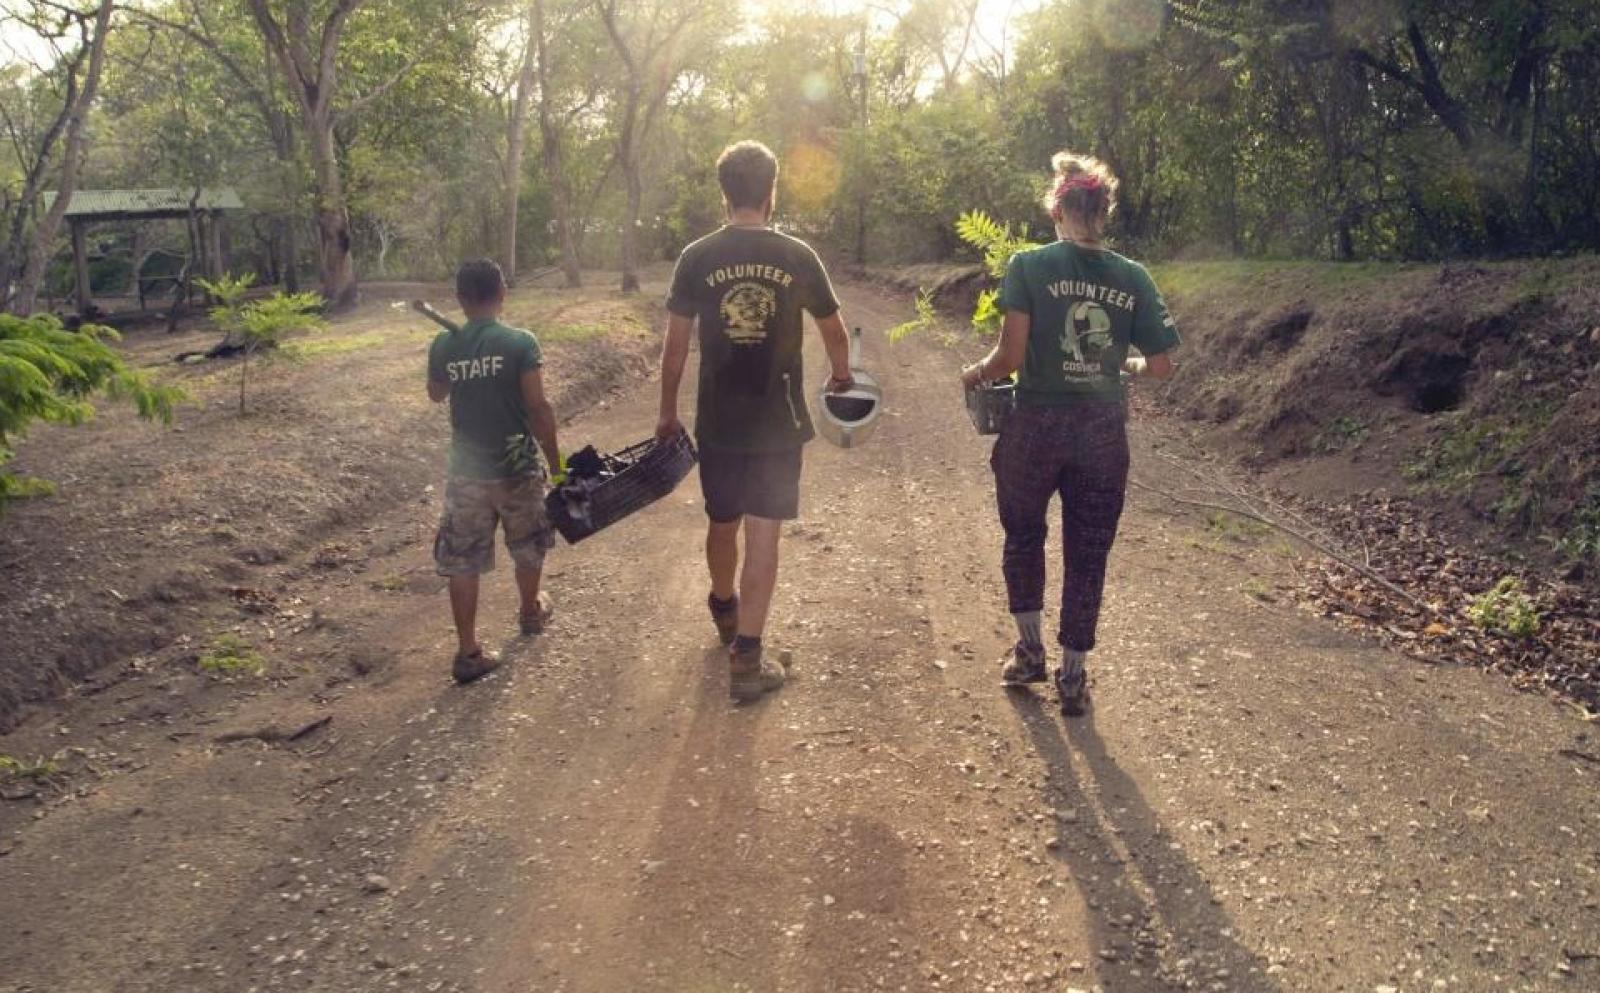 Les volontaires vont planter des arbres au cours de leur chantier jeunes au Costa Rica